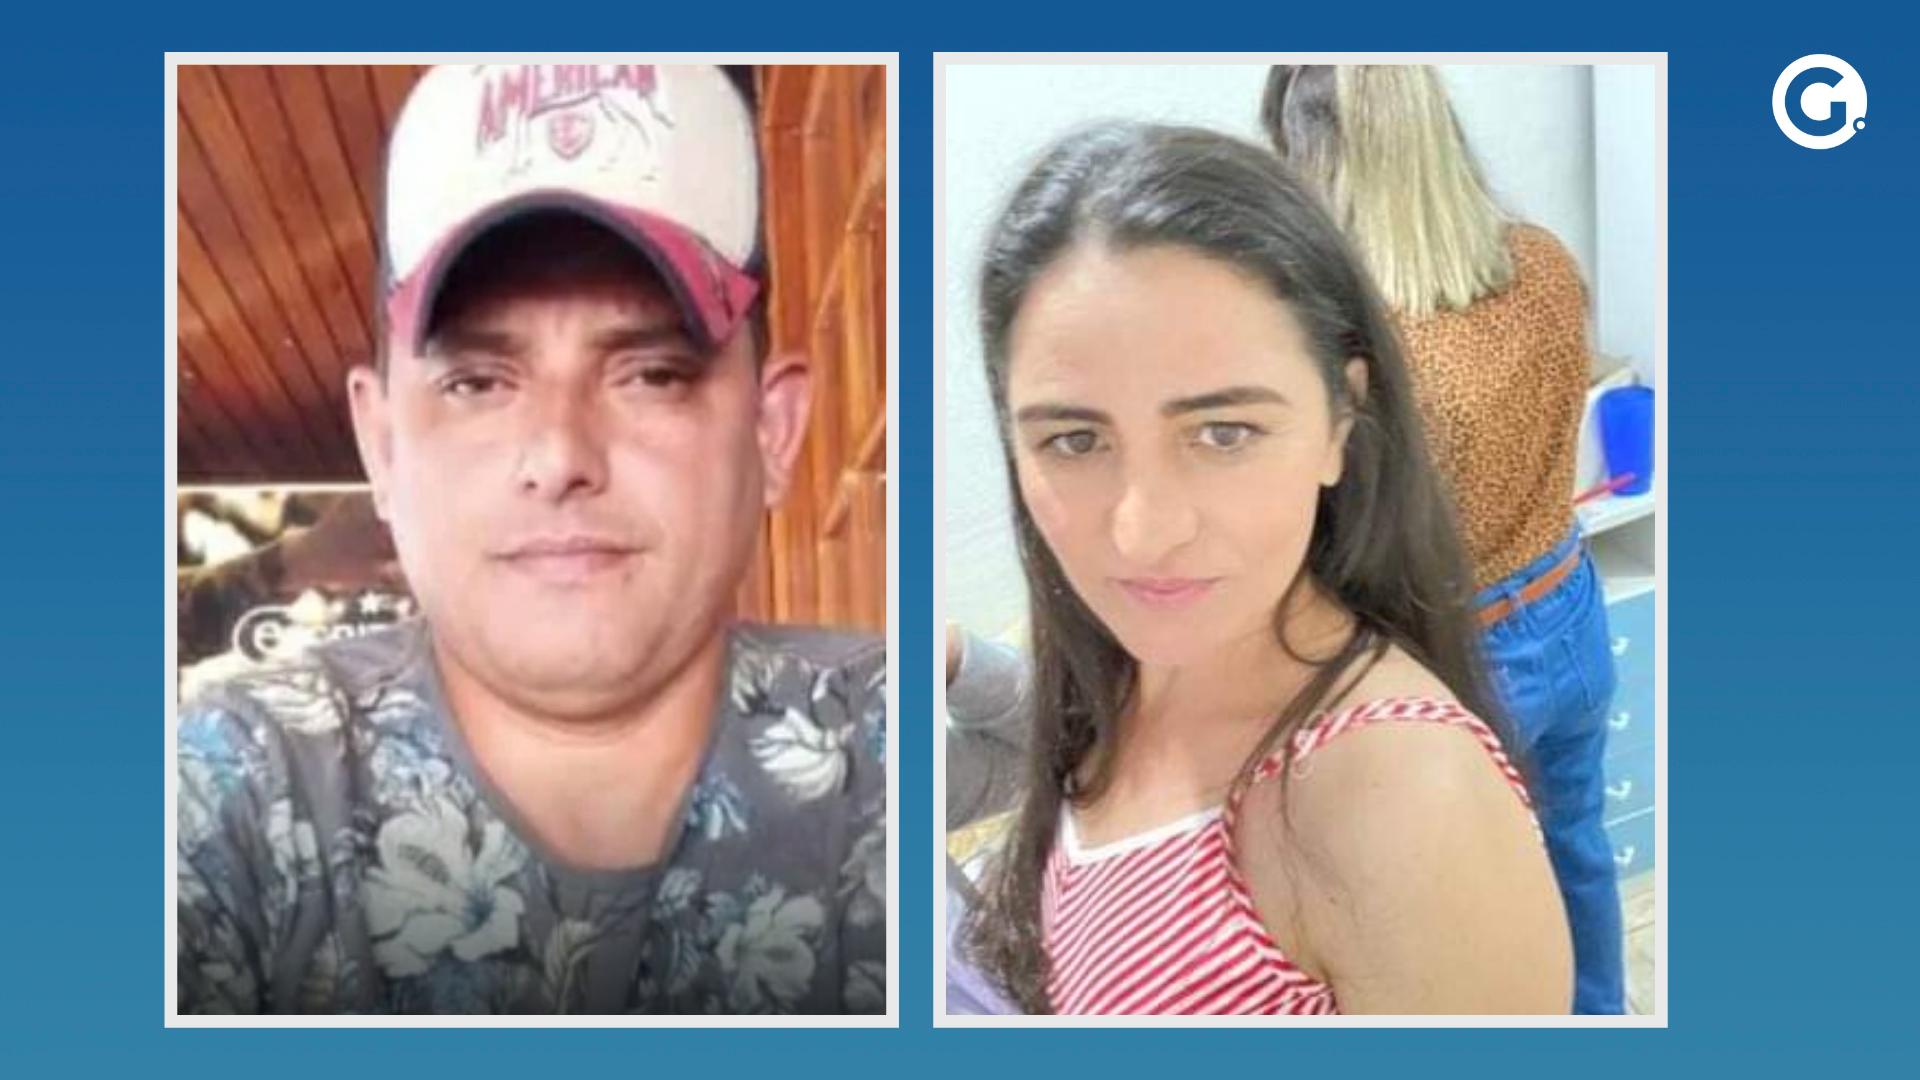 Corpo de Brás Moreira Rodrigues foi encontrado e Adriana Torrente Moreira segue desaparecida. Crédito: Reprodução | Arte A Gazeta